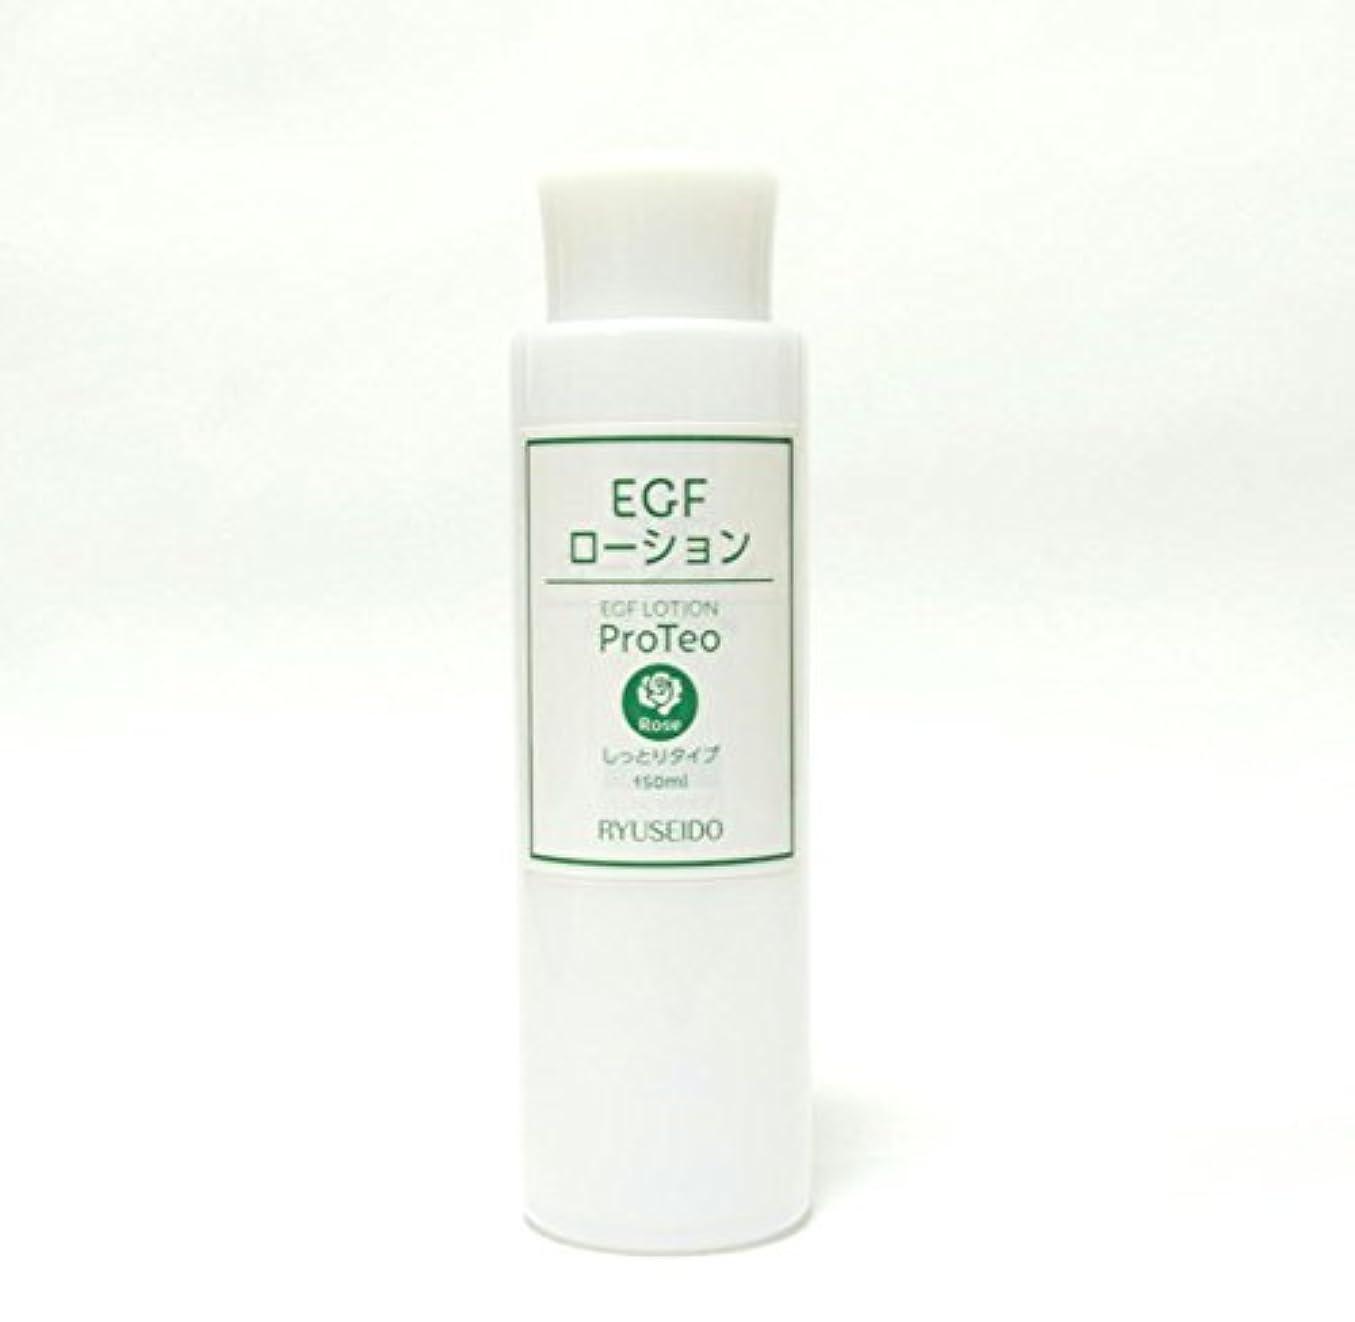 アシスタントレーニン主義開発EGFローション プロテオグリカン、ビタミンC新配合